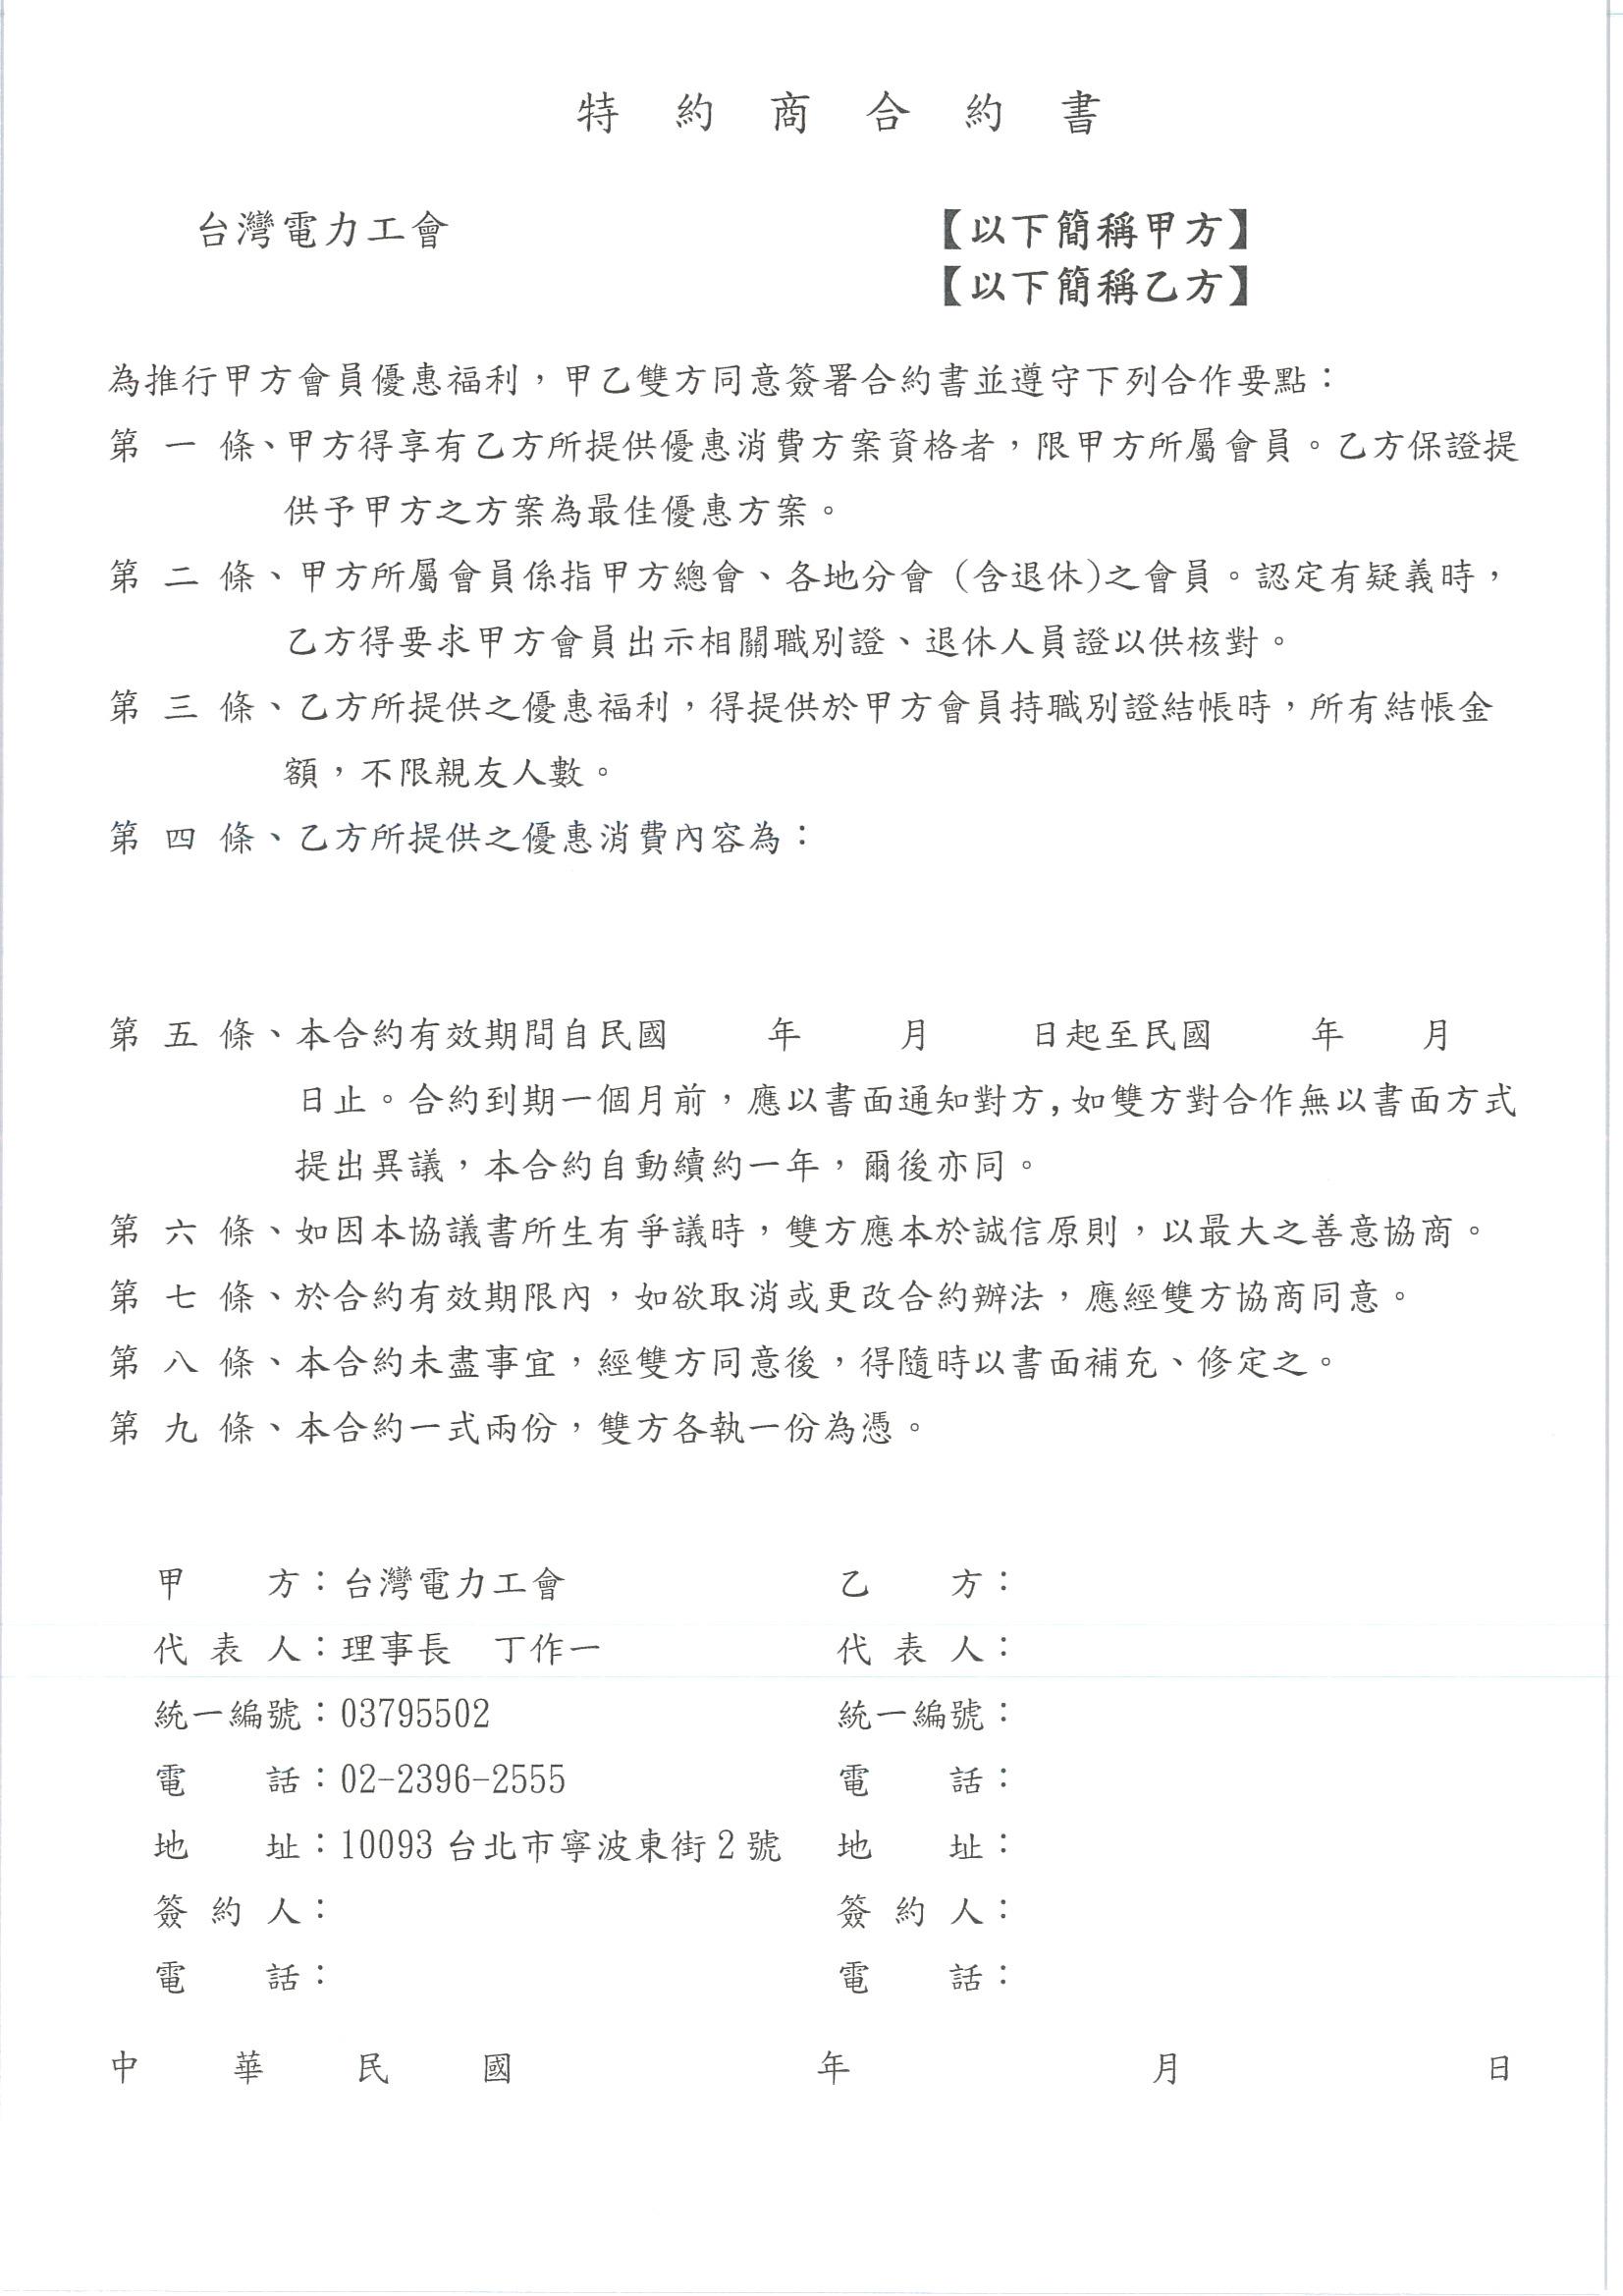 特約商合約書 – 臺灣電力工會